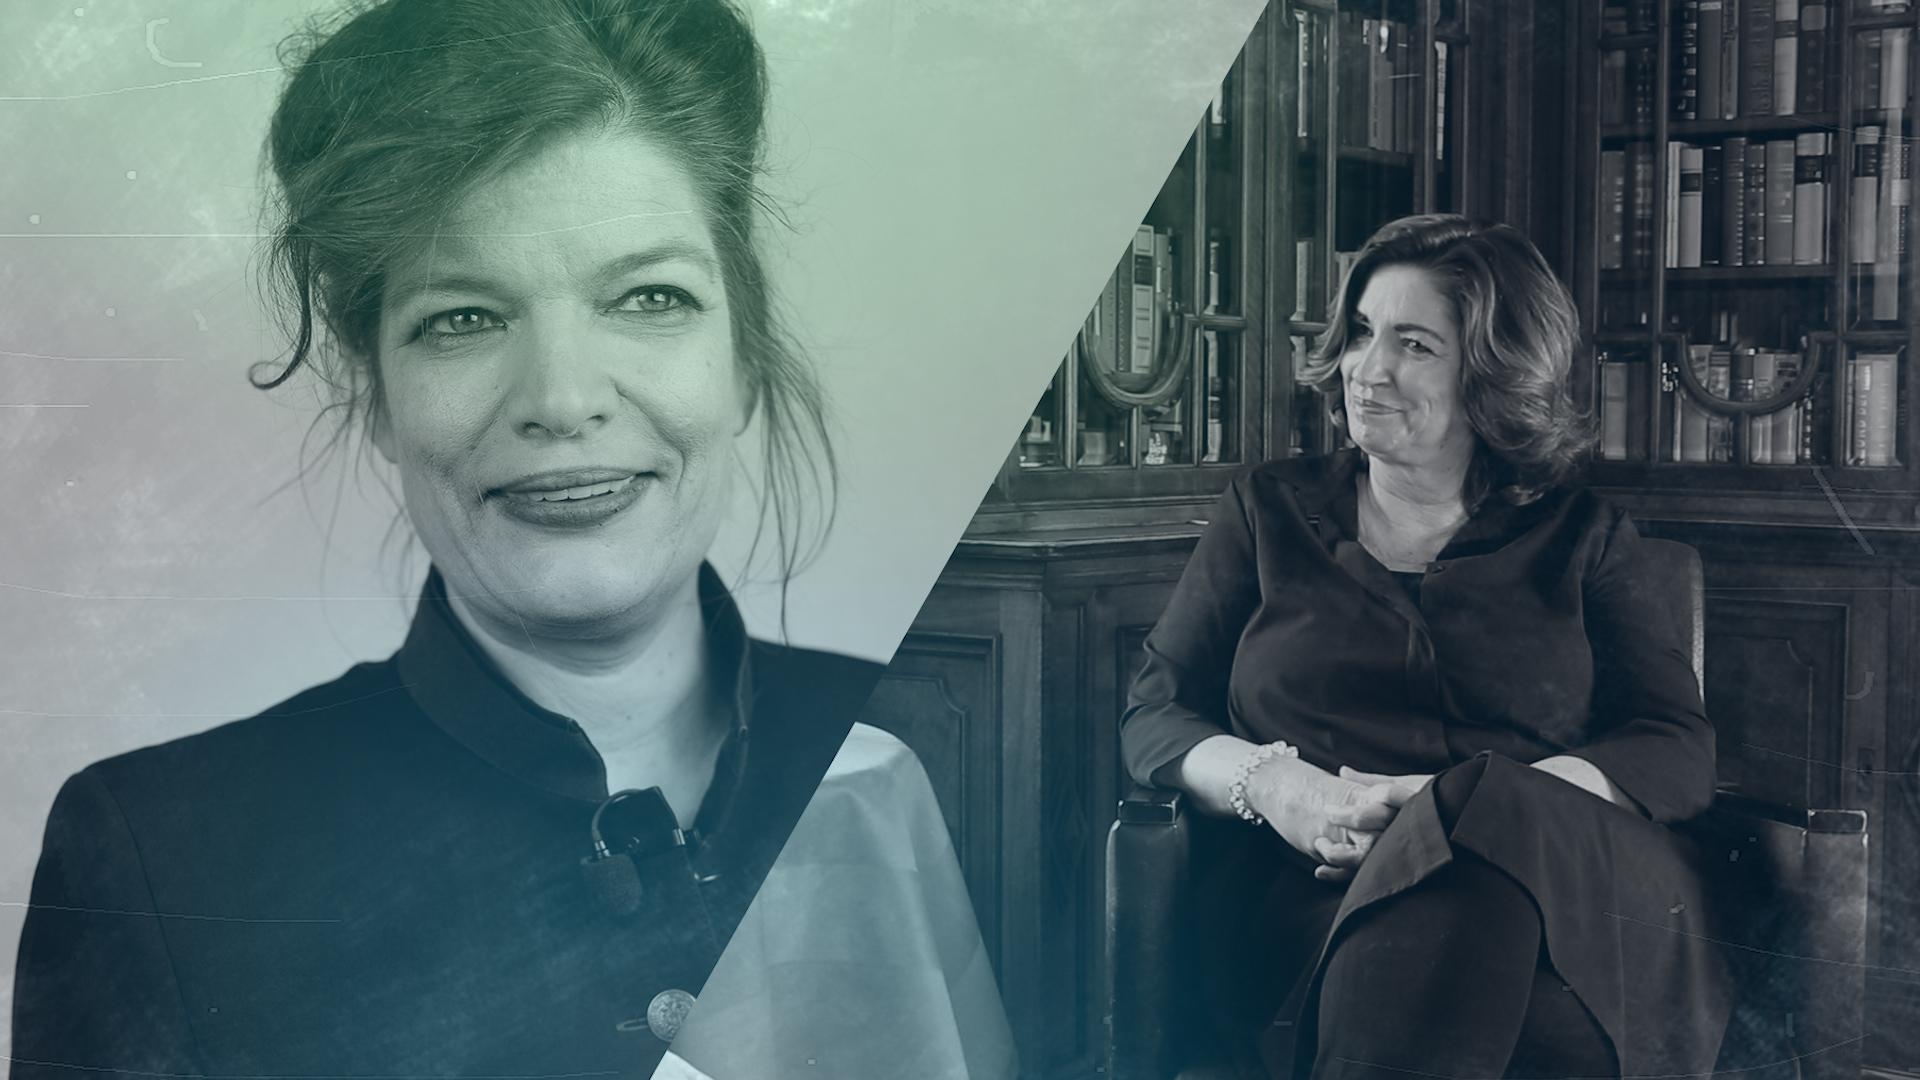 Talk im Schloss – Andrea Kapounek im Gespräch mit Esther Matolycz